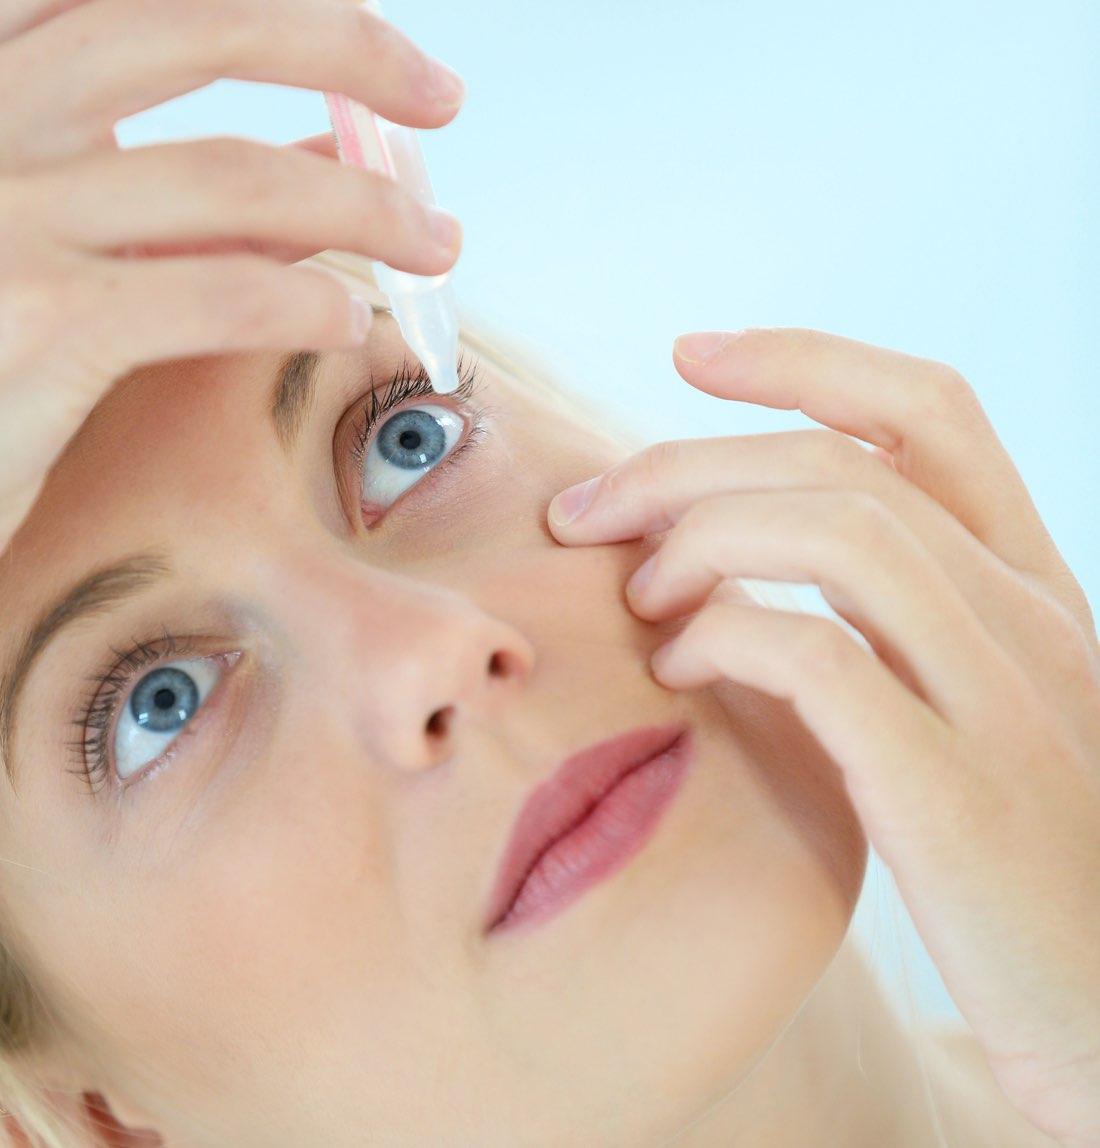 Mujer echándose lágrimas artificiales